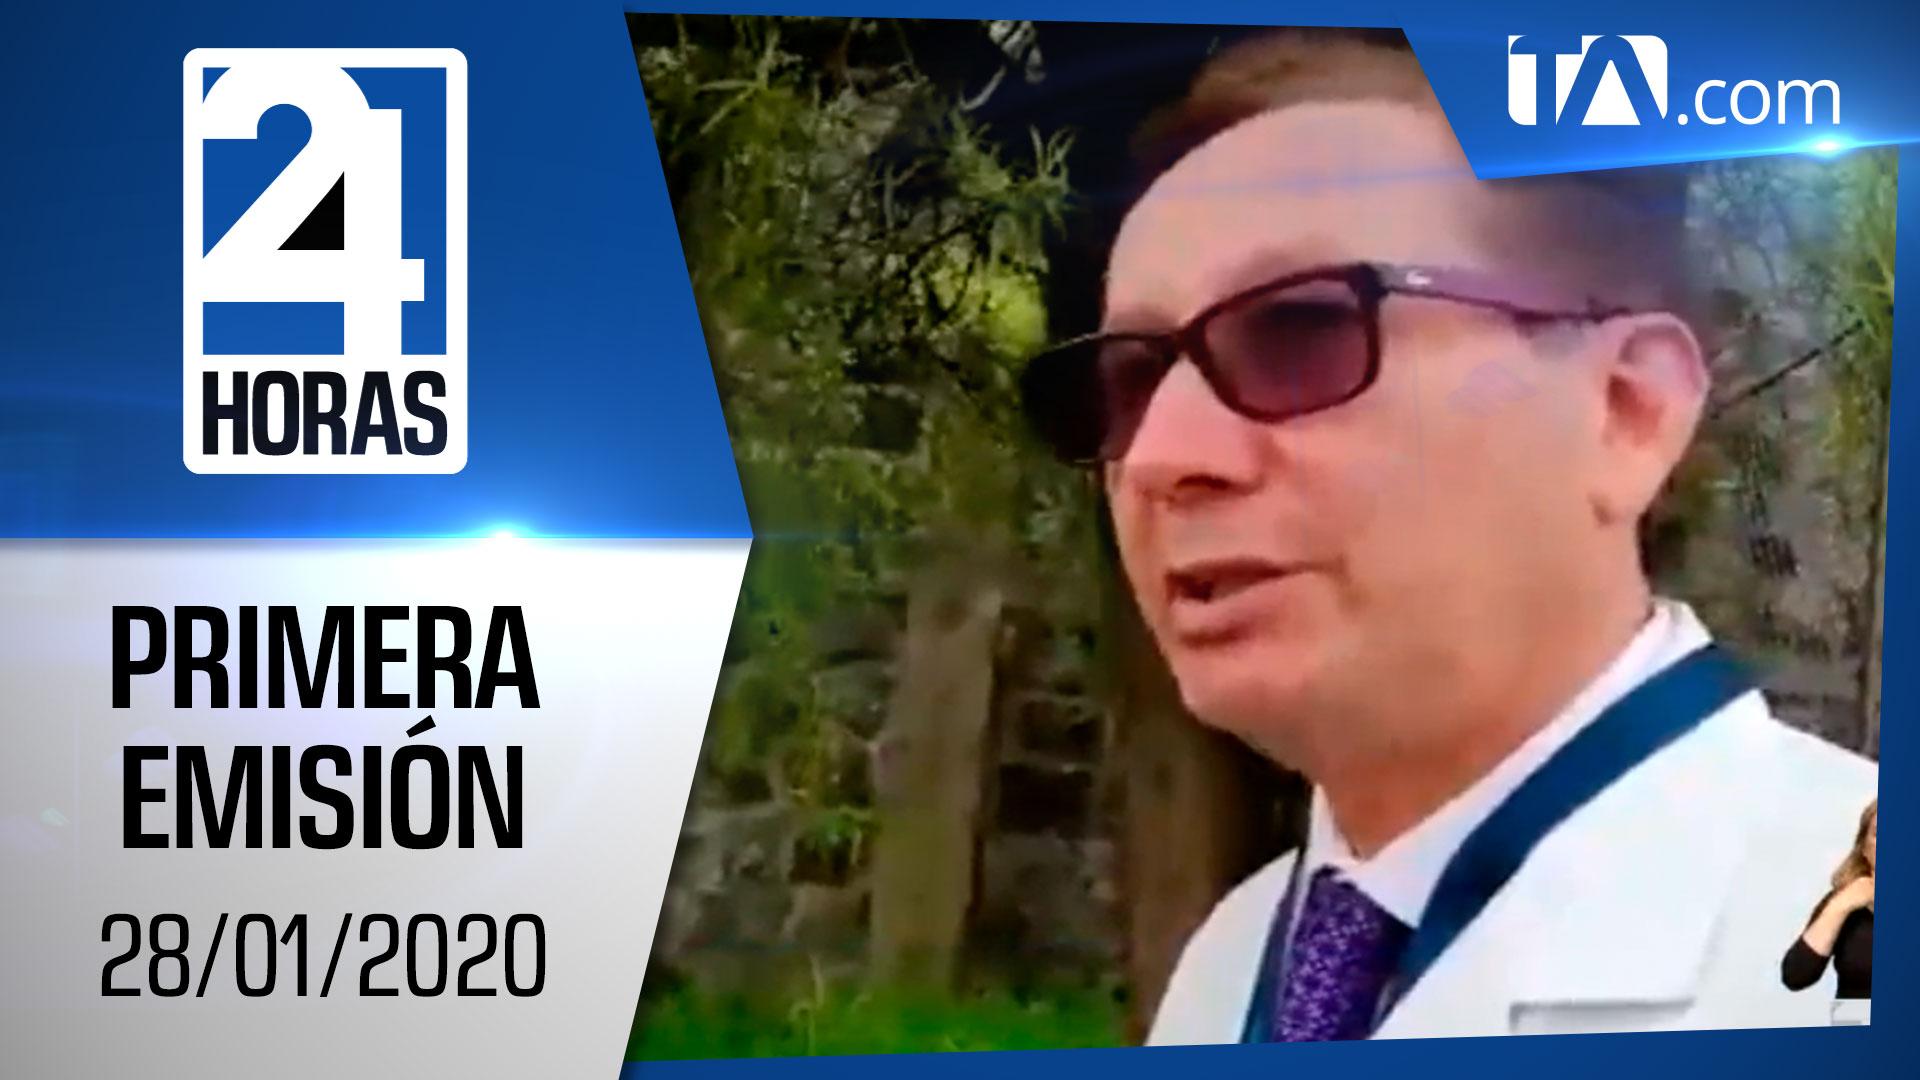 Noticias Ecuador : Noticiero 24 Horas 28/01/2020 (Primera Emisión)